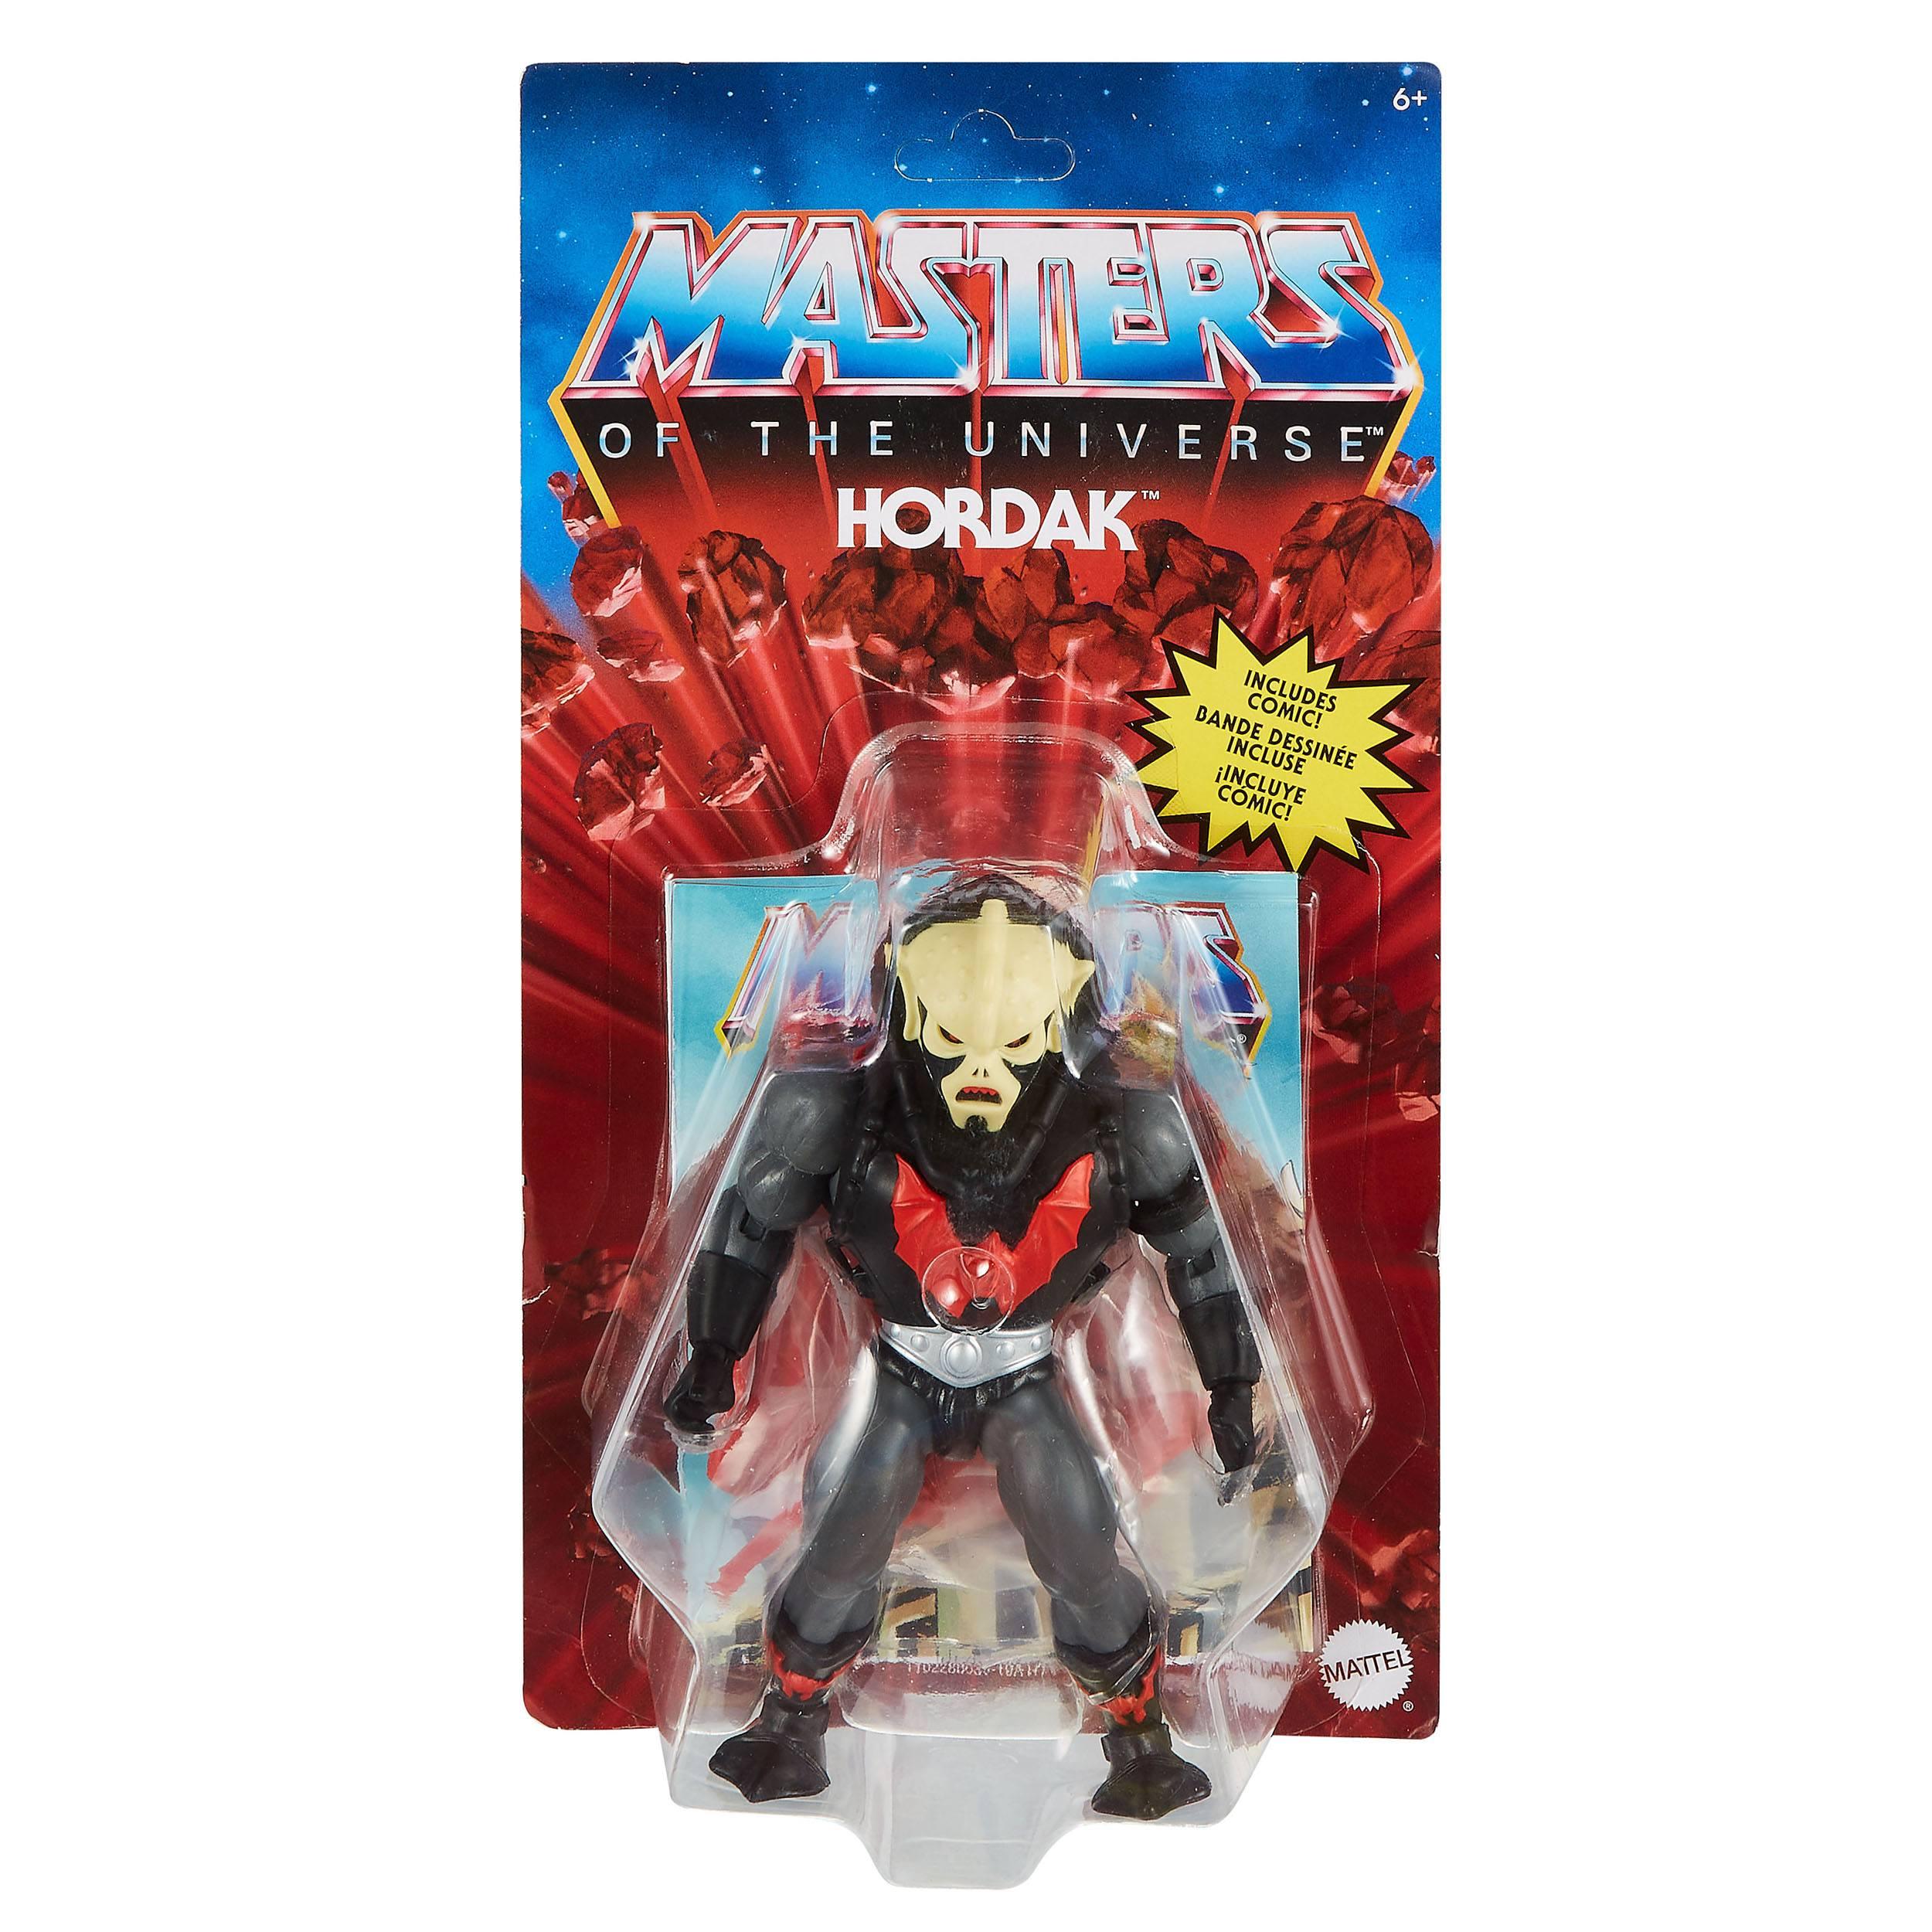 Masters of the Universe Origins Actionfigur 2021 Hordak 14 cm MATTGVW64 887961934137